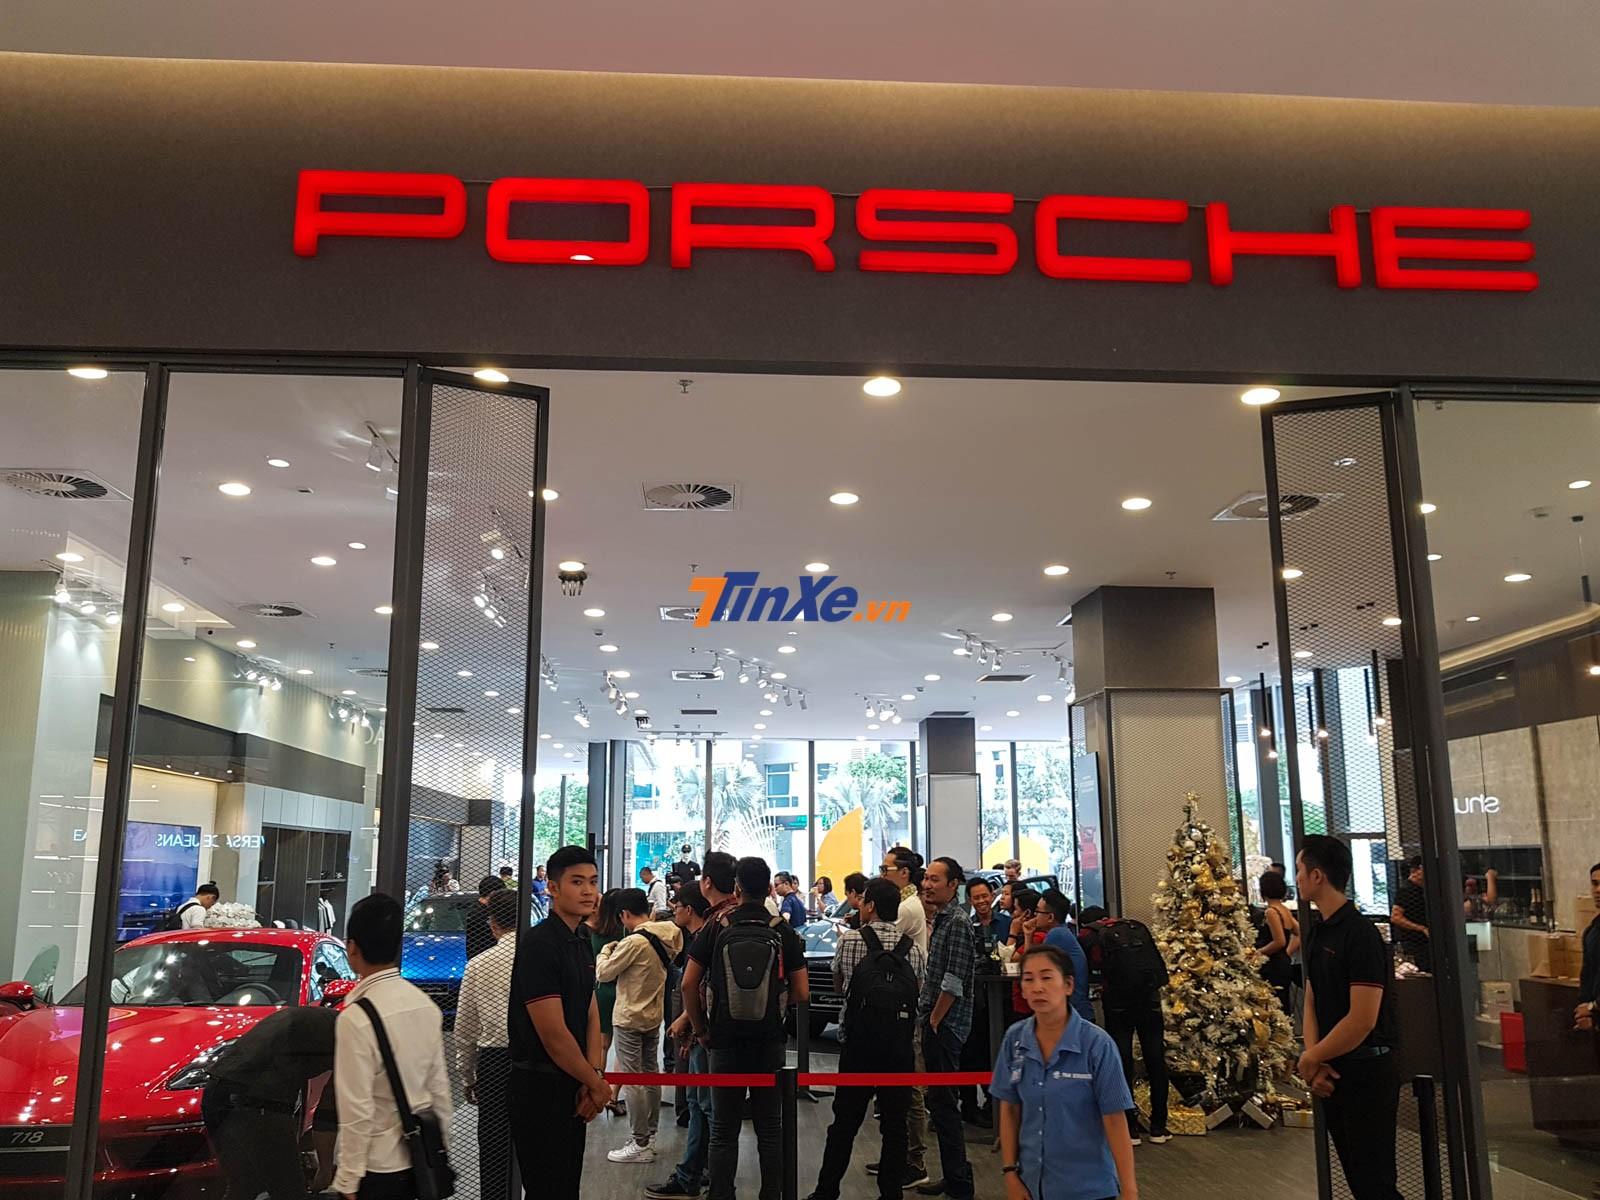 Không gian trưng bày của Porsche tại The Landmark 81 nằm kế bên showrrom của Lamborghini và Bentley